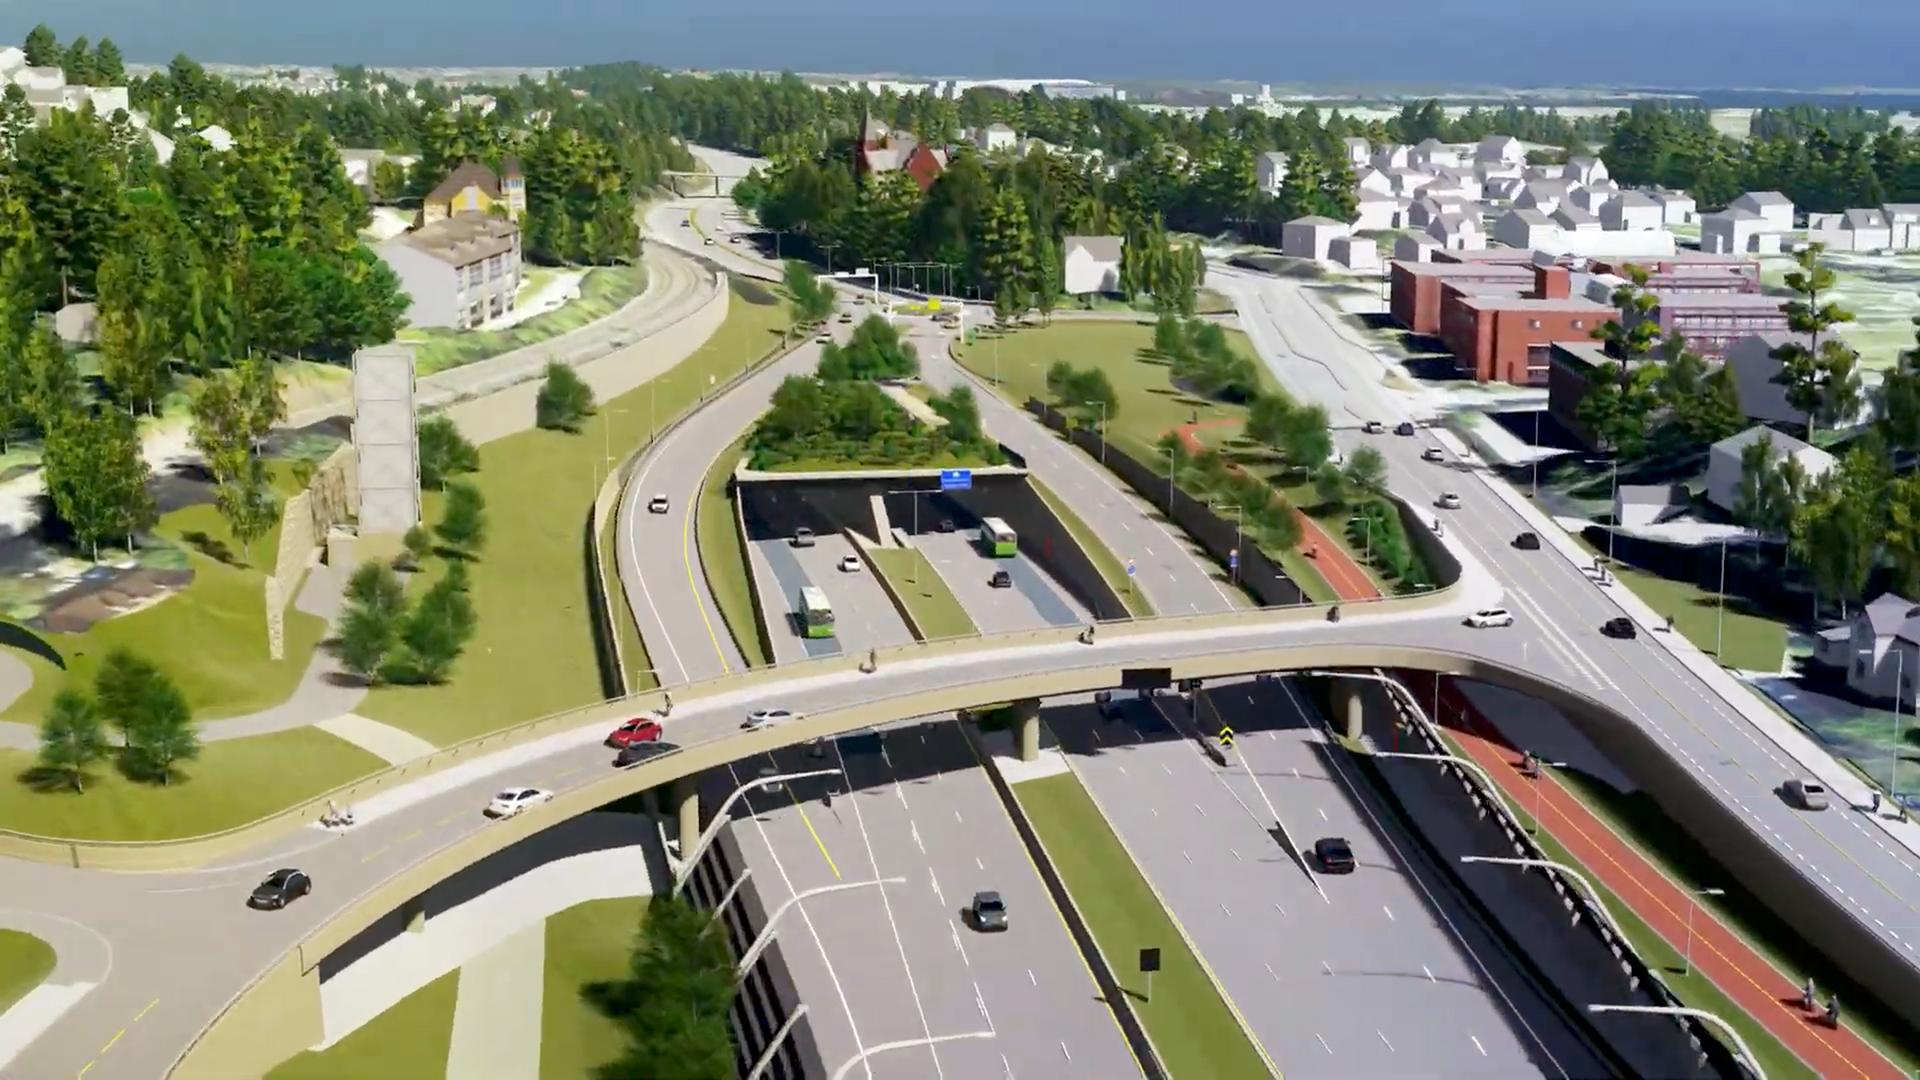 E18 skal blant annet legges i tunnel under Høvik, og prosjektet skal sørge for bedre framkommelighet og sikkerhet for samtlige trafikanter.